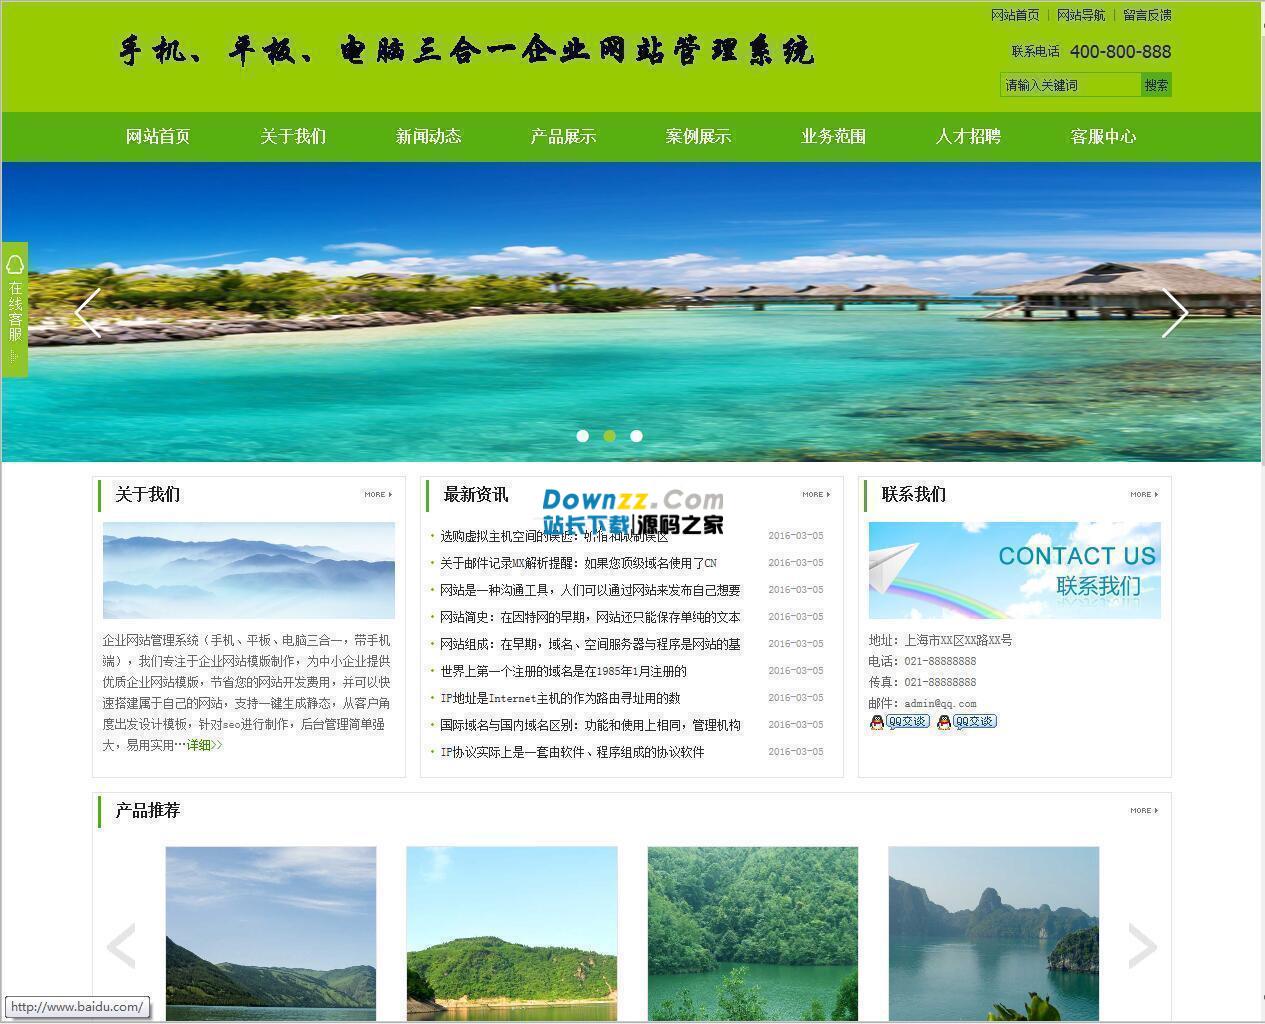 绿色网新企业网站管理系统 v6.4